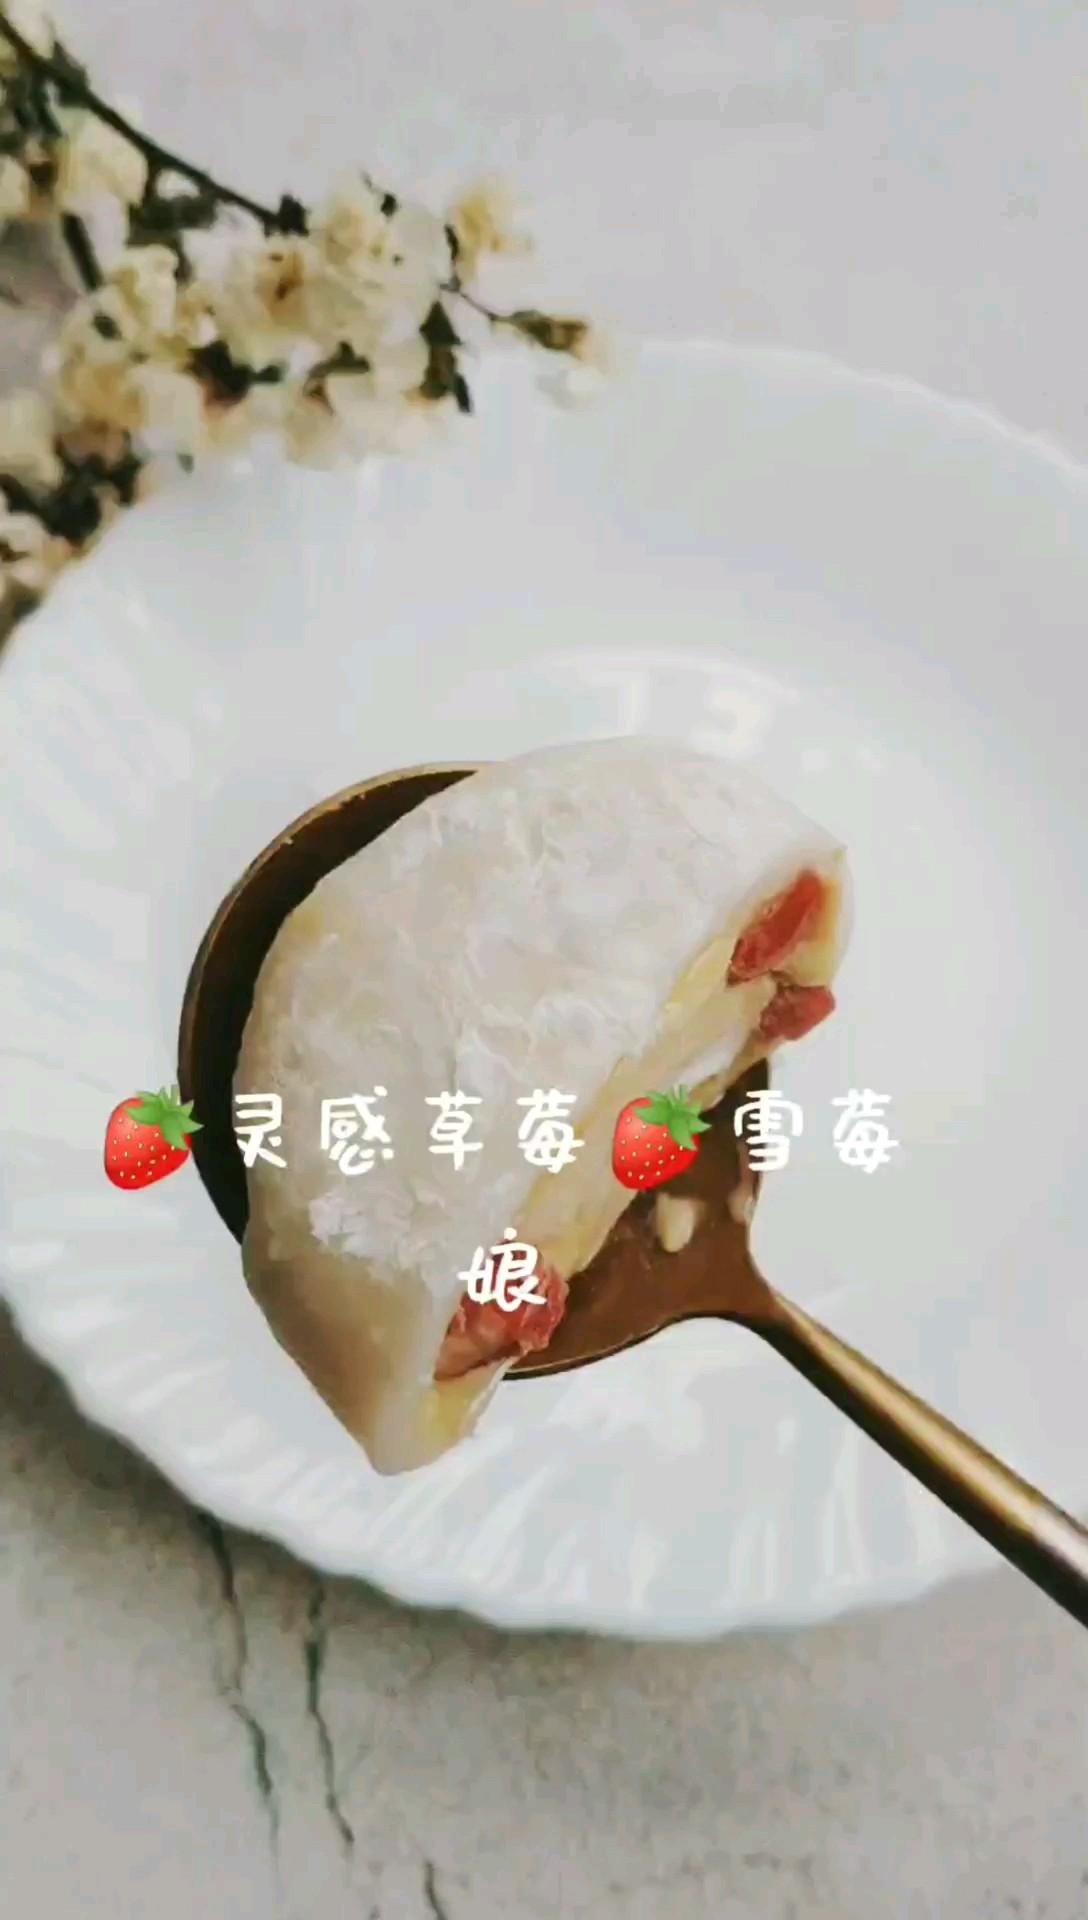 灵感草莓冰淇淋雪莓娘